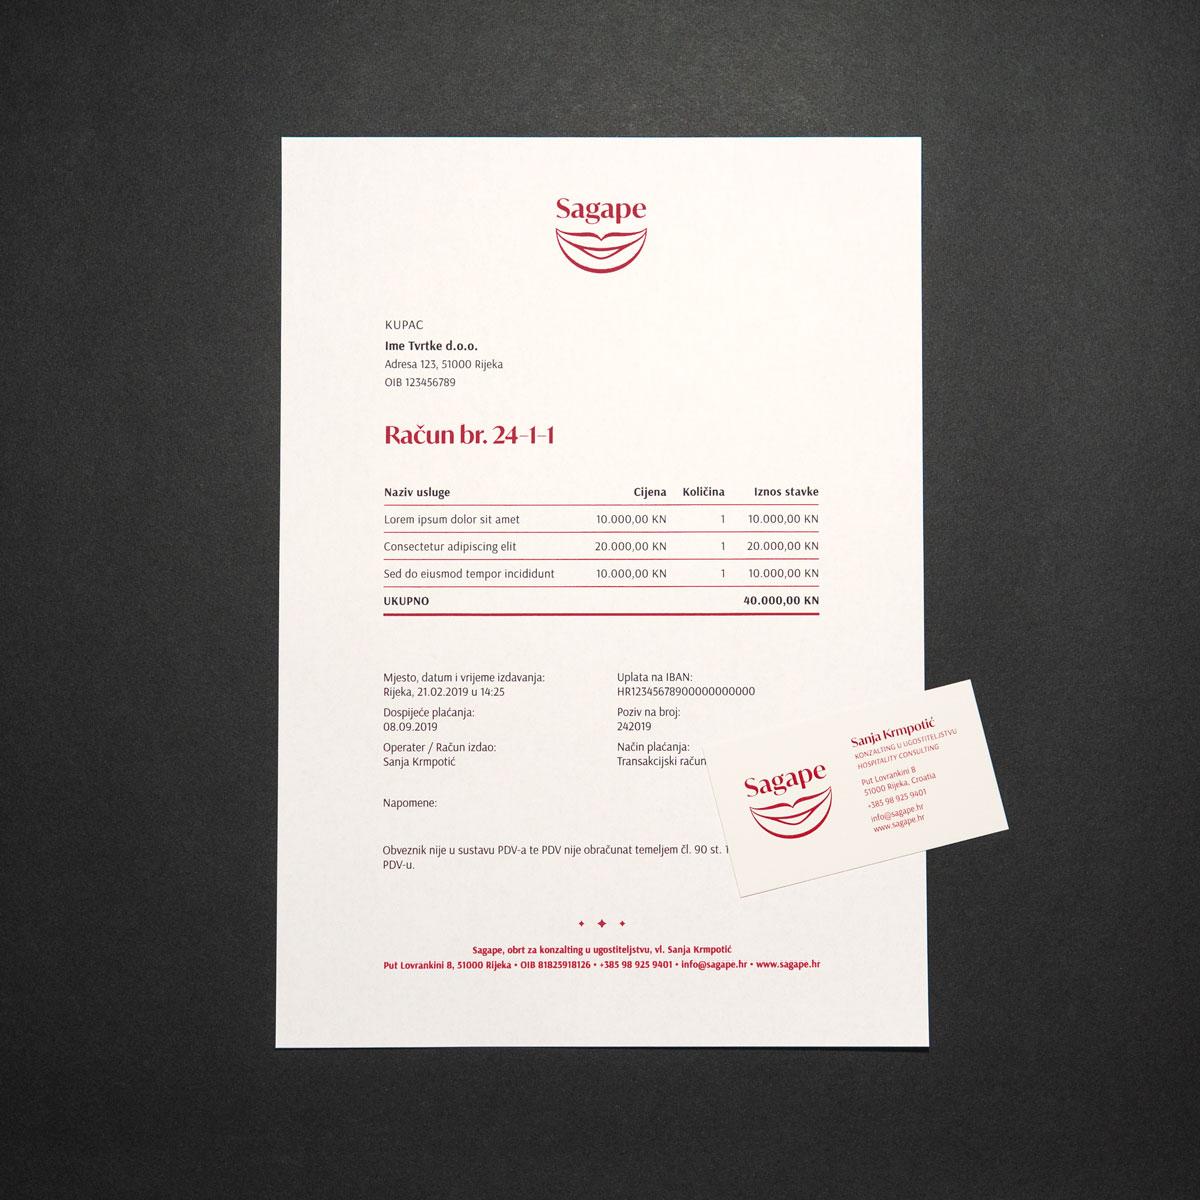 Sagape vizualni identitet - dizajn memoranduma